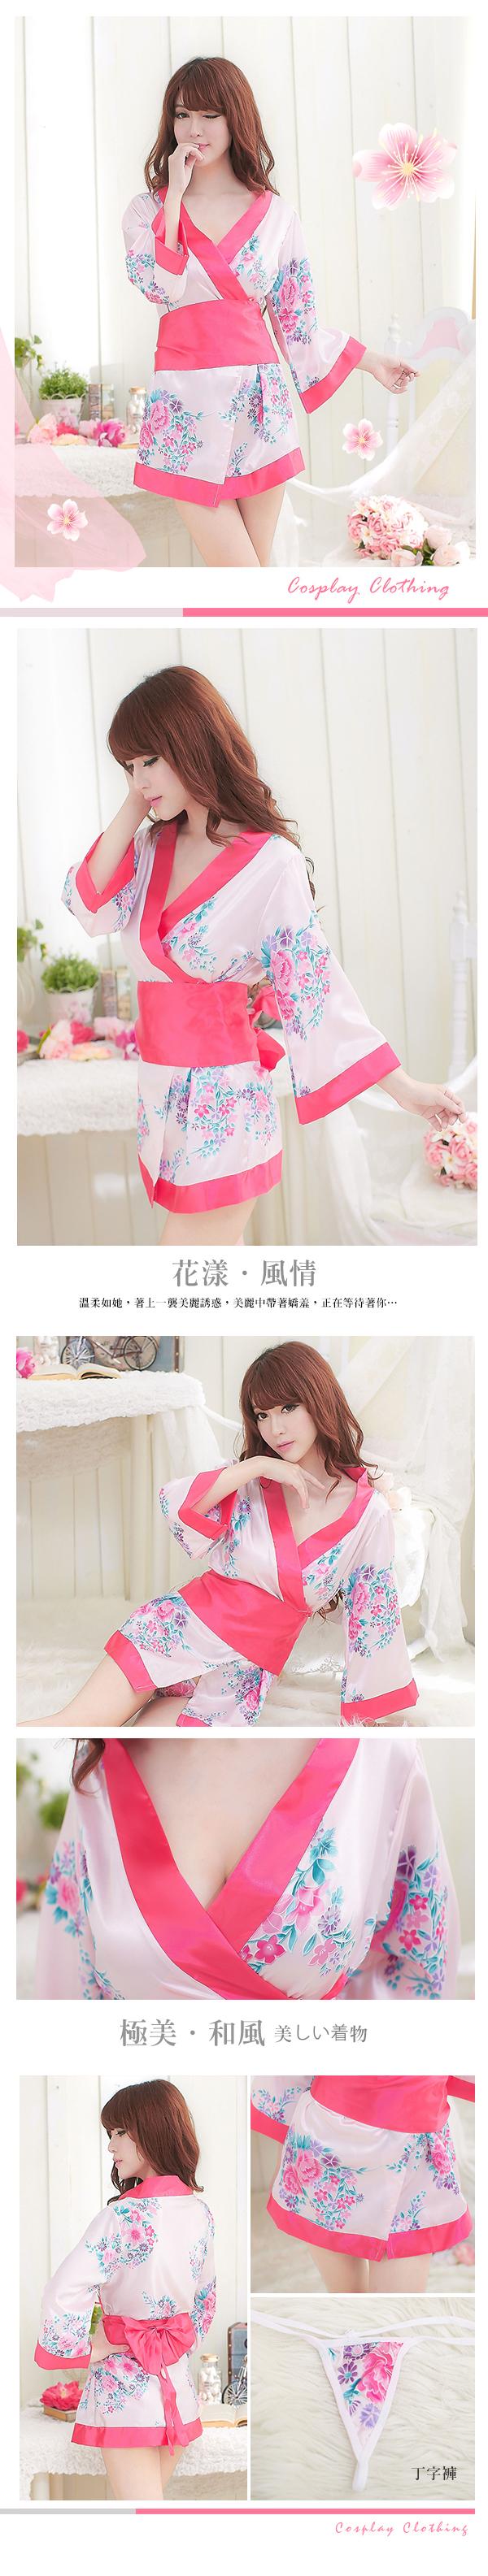 粉色漣漪 絕美典雅和服